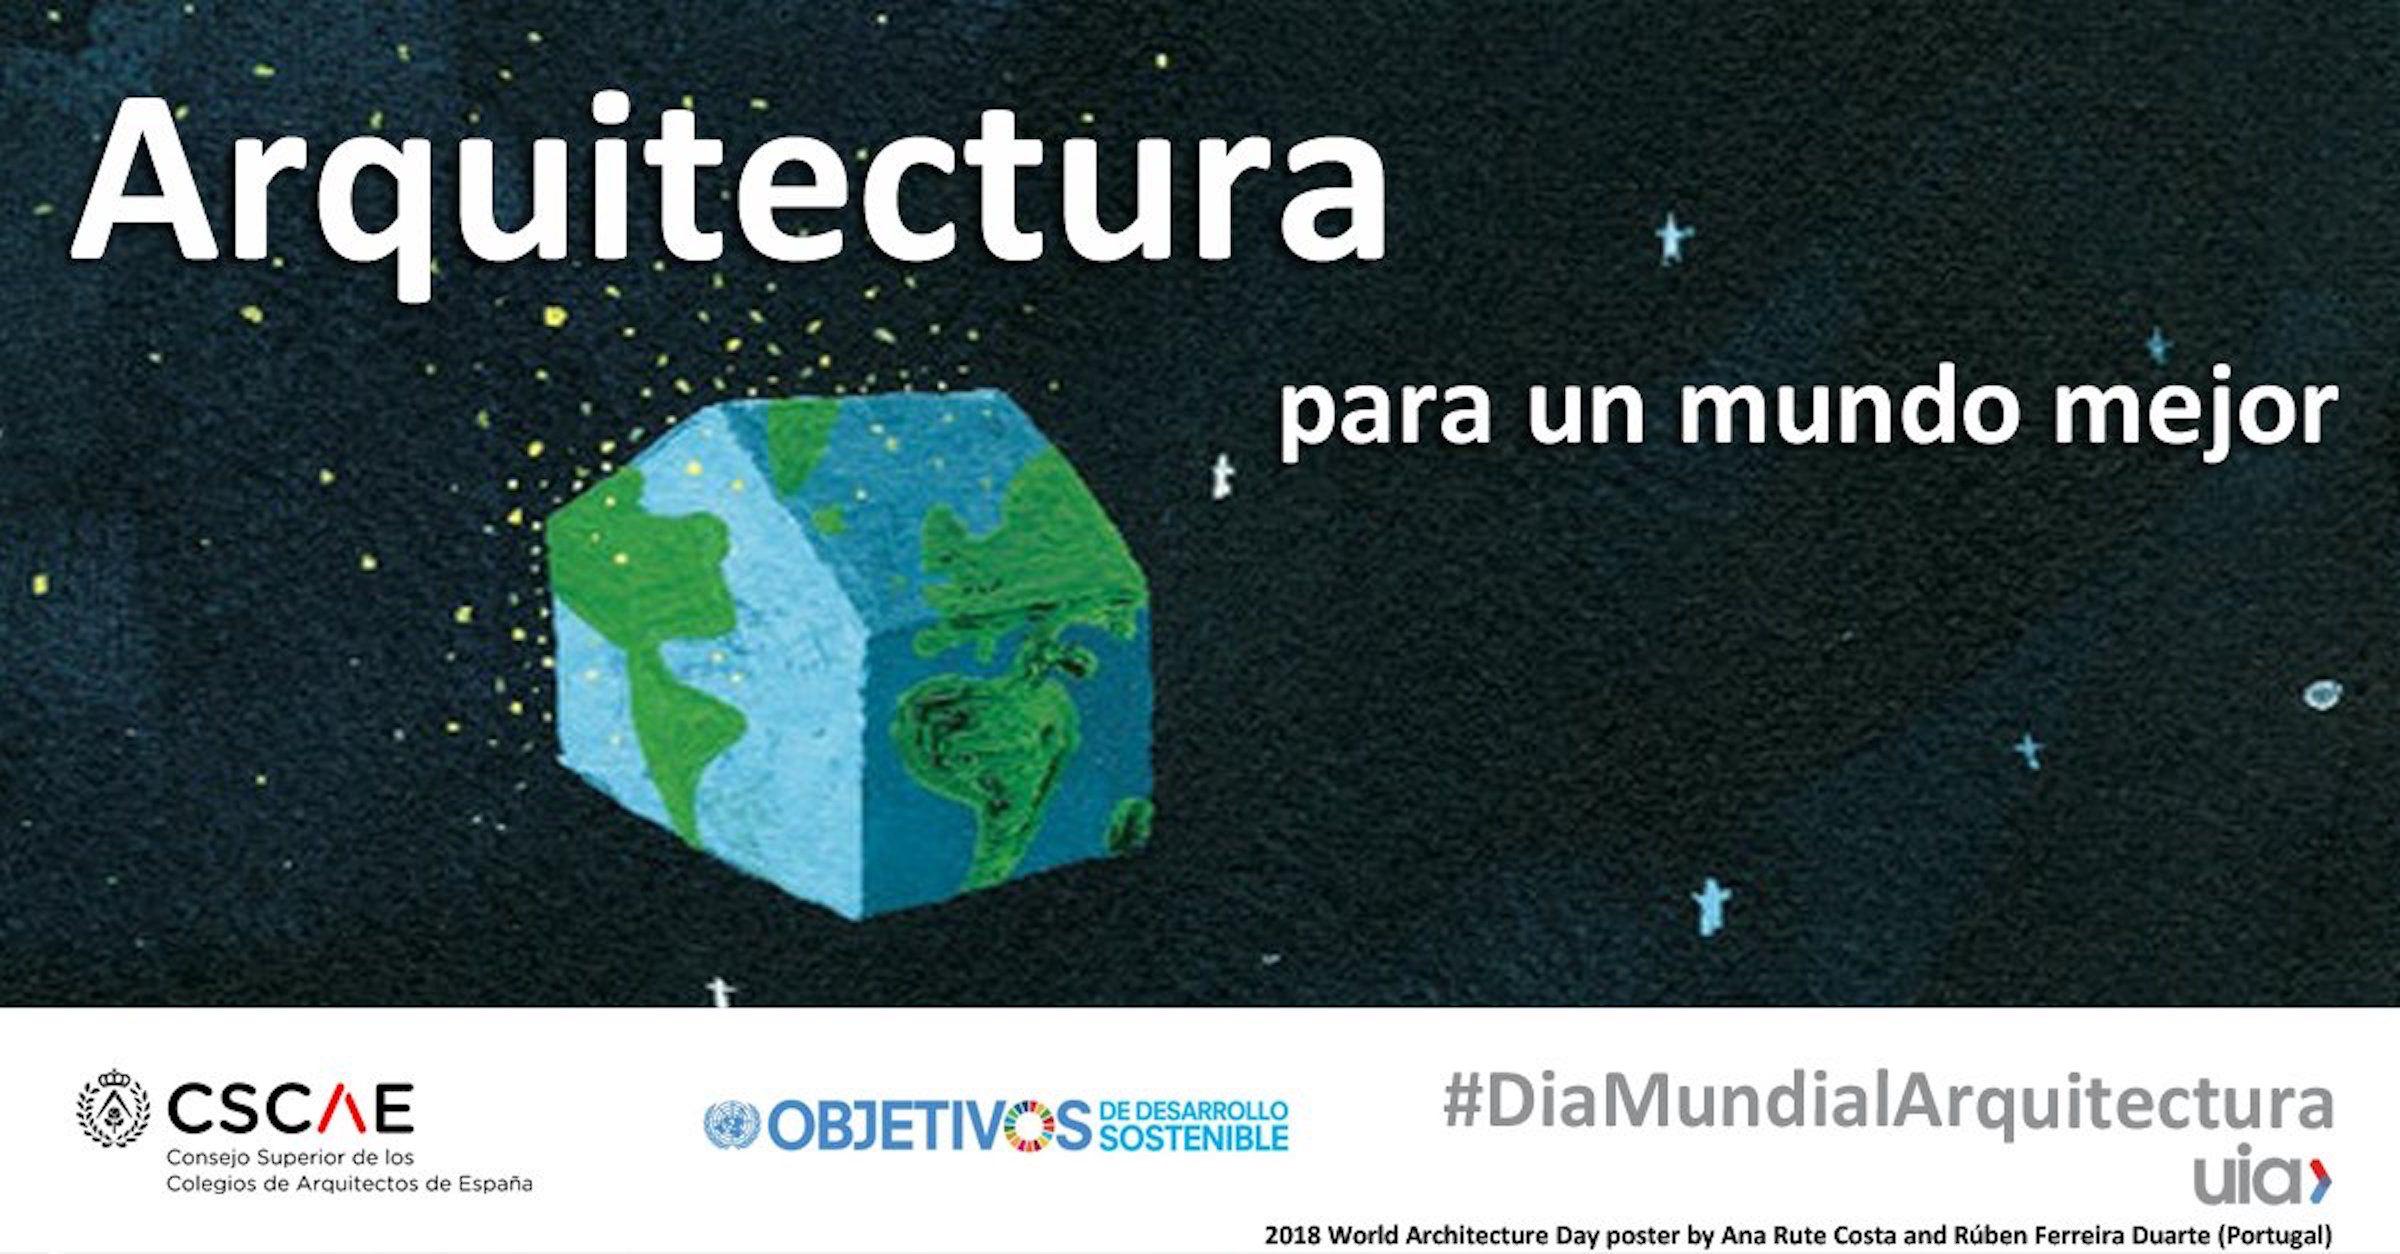 Cartel para el Día Mundial de la Arquitectura 2018, del Consejo Superior de los Colegios de Arquitectos de España. Foto: CSCAE.